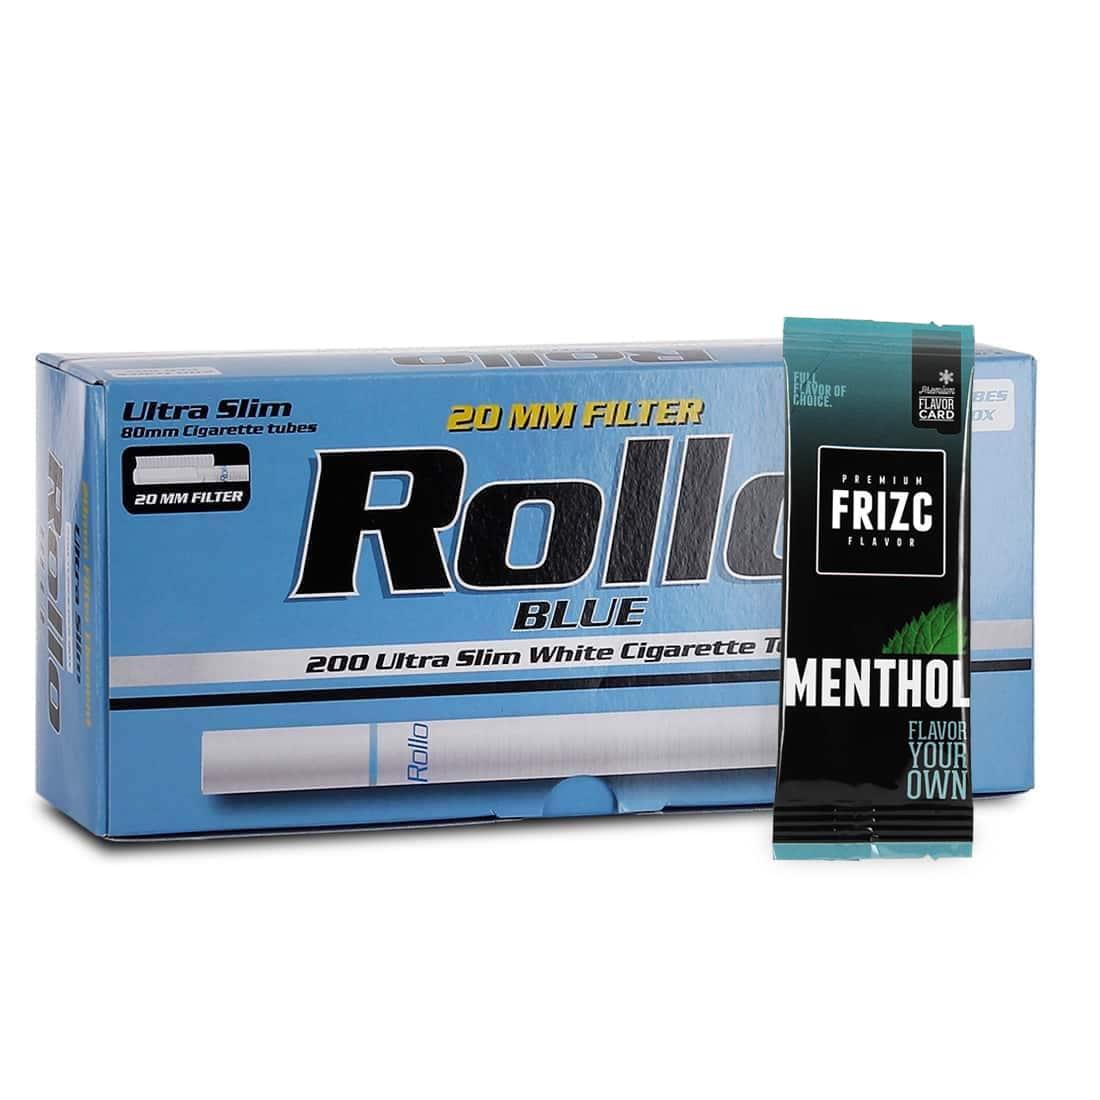 Photo de Pack Tubes Rollo Blue Ultra Slim Carte Frizc Menthol